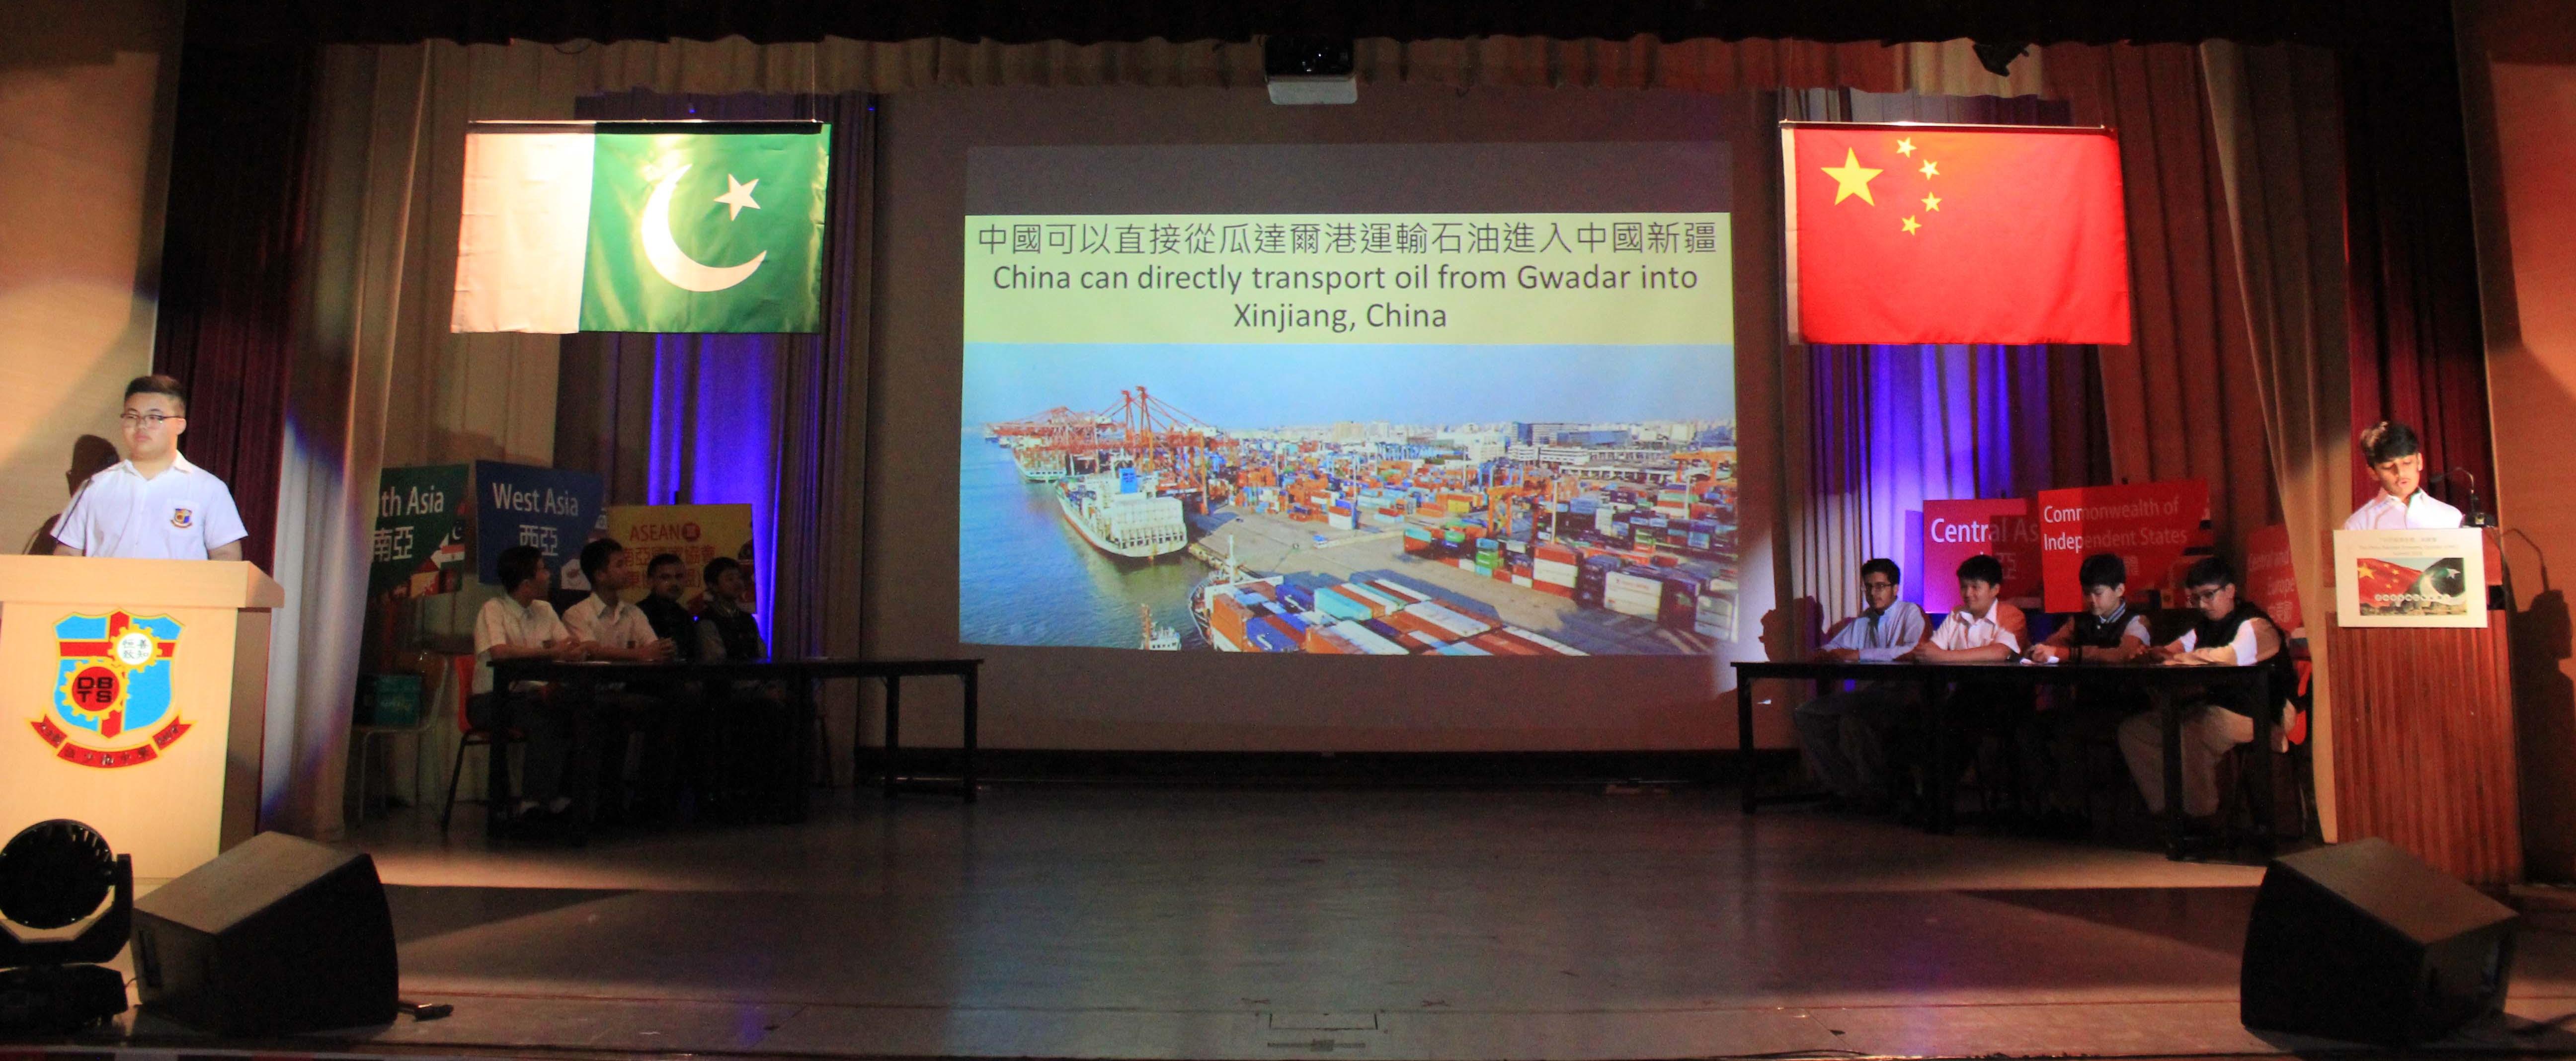 「中巴經濟走廊」高峰會活動的相片